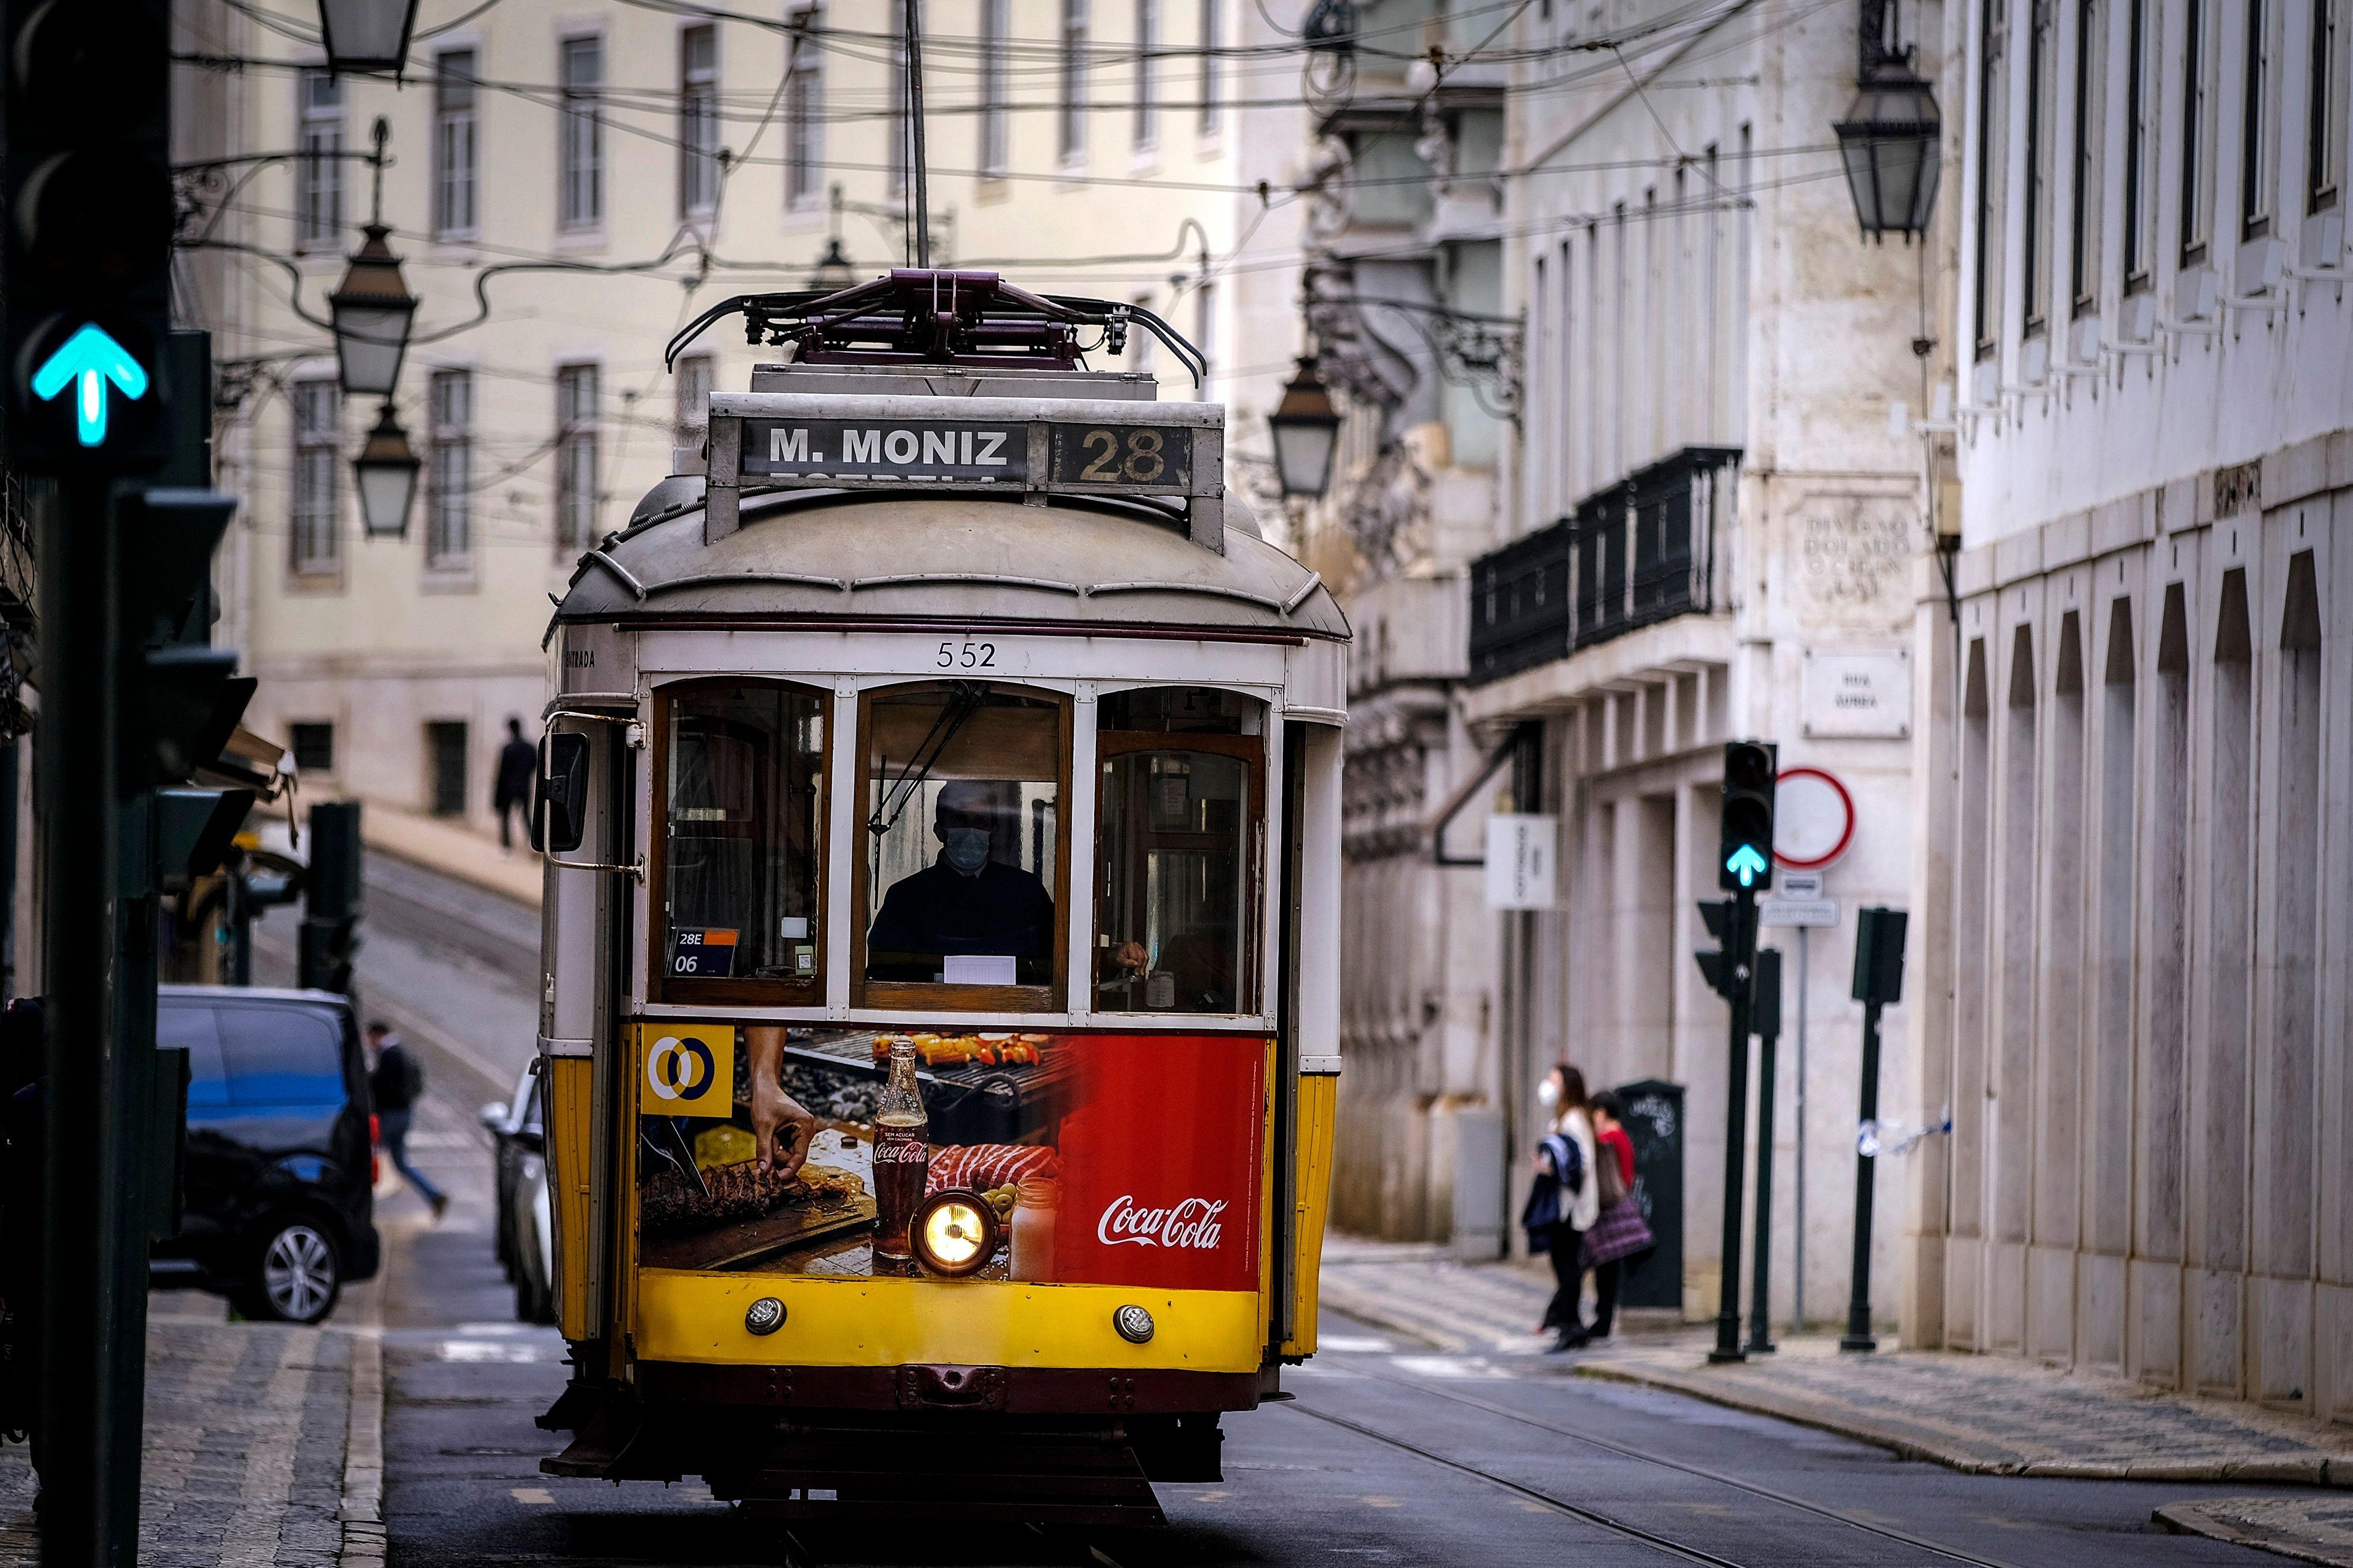 Um bondinho circula pelas ruas de Lisboa, em Portugal